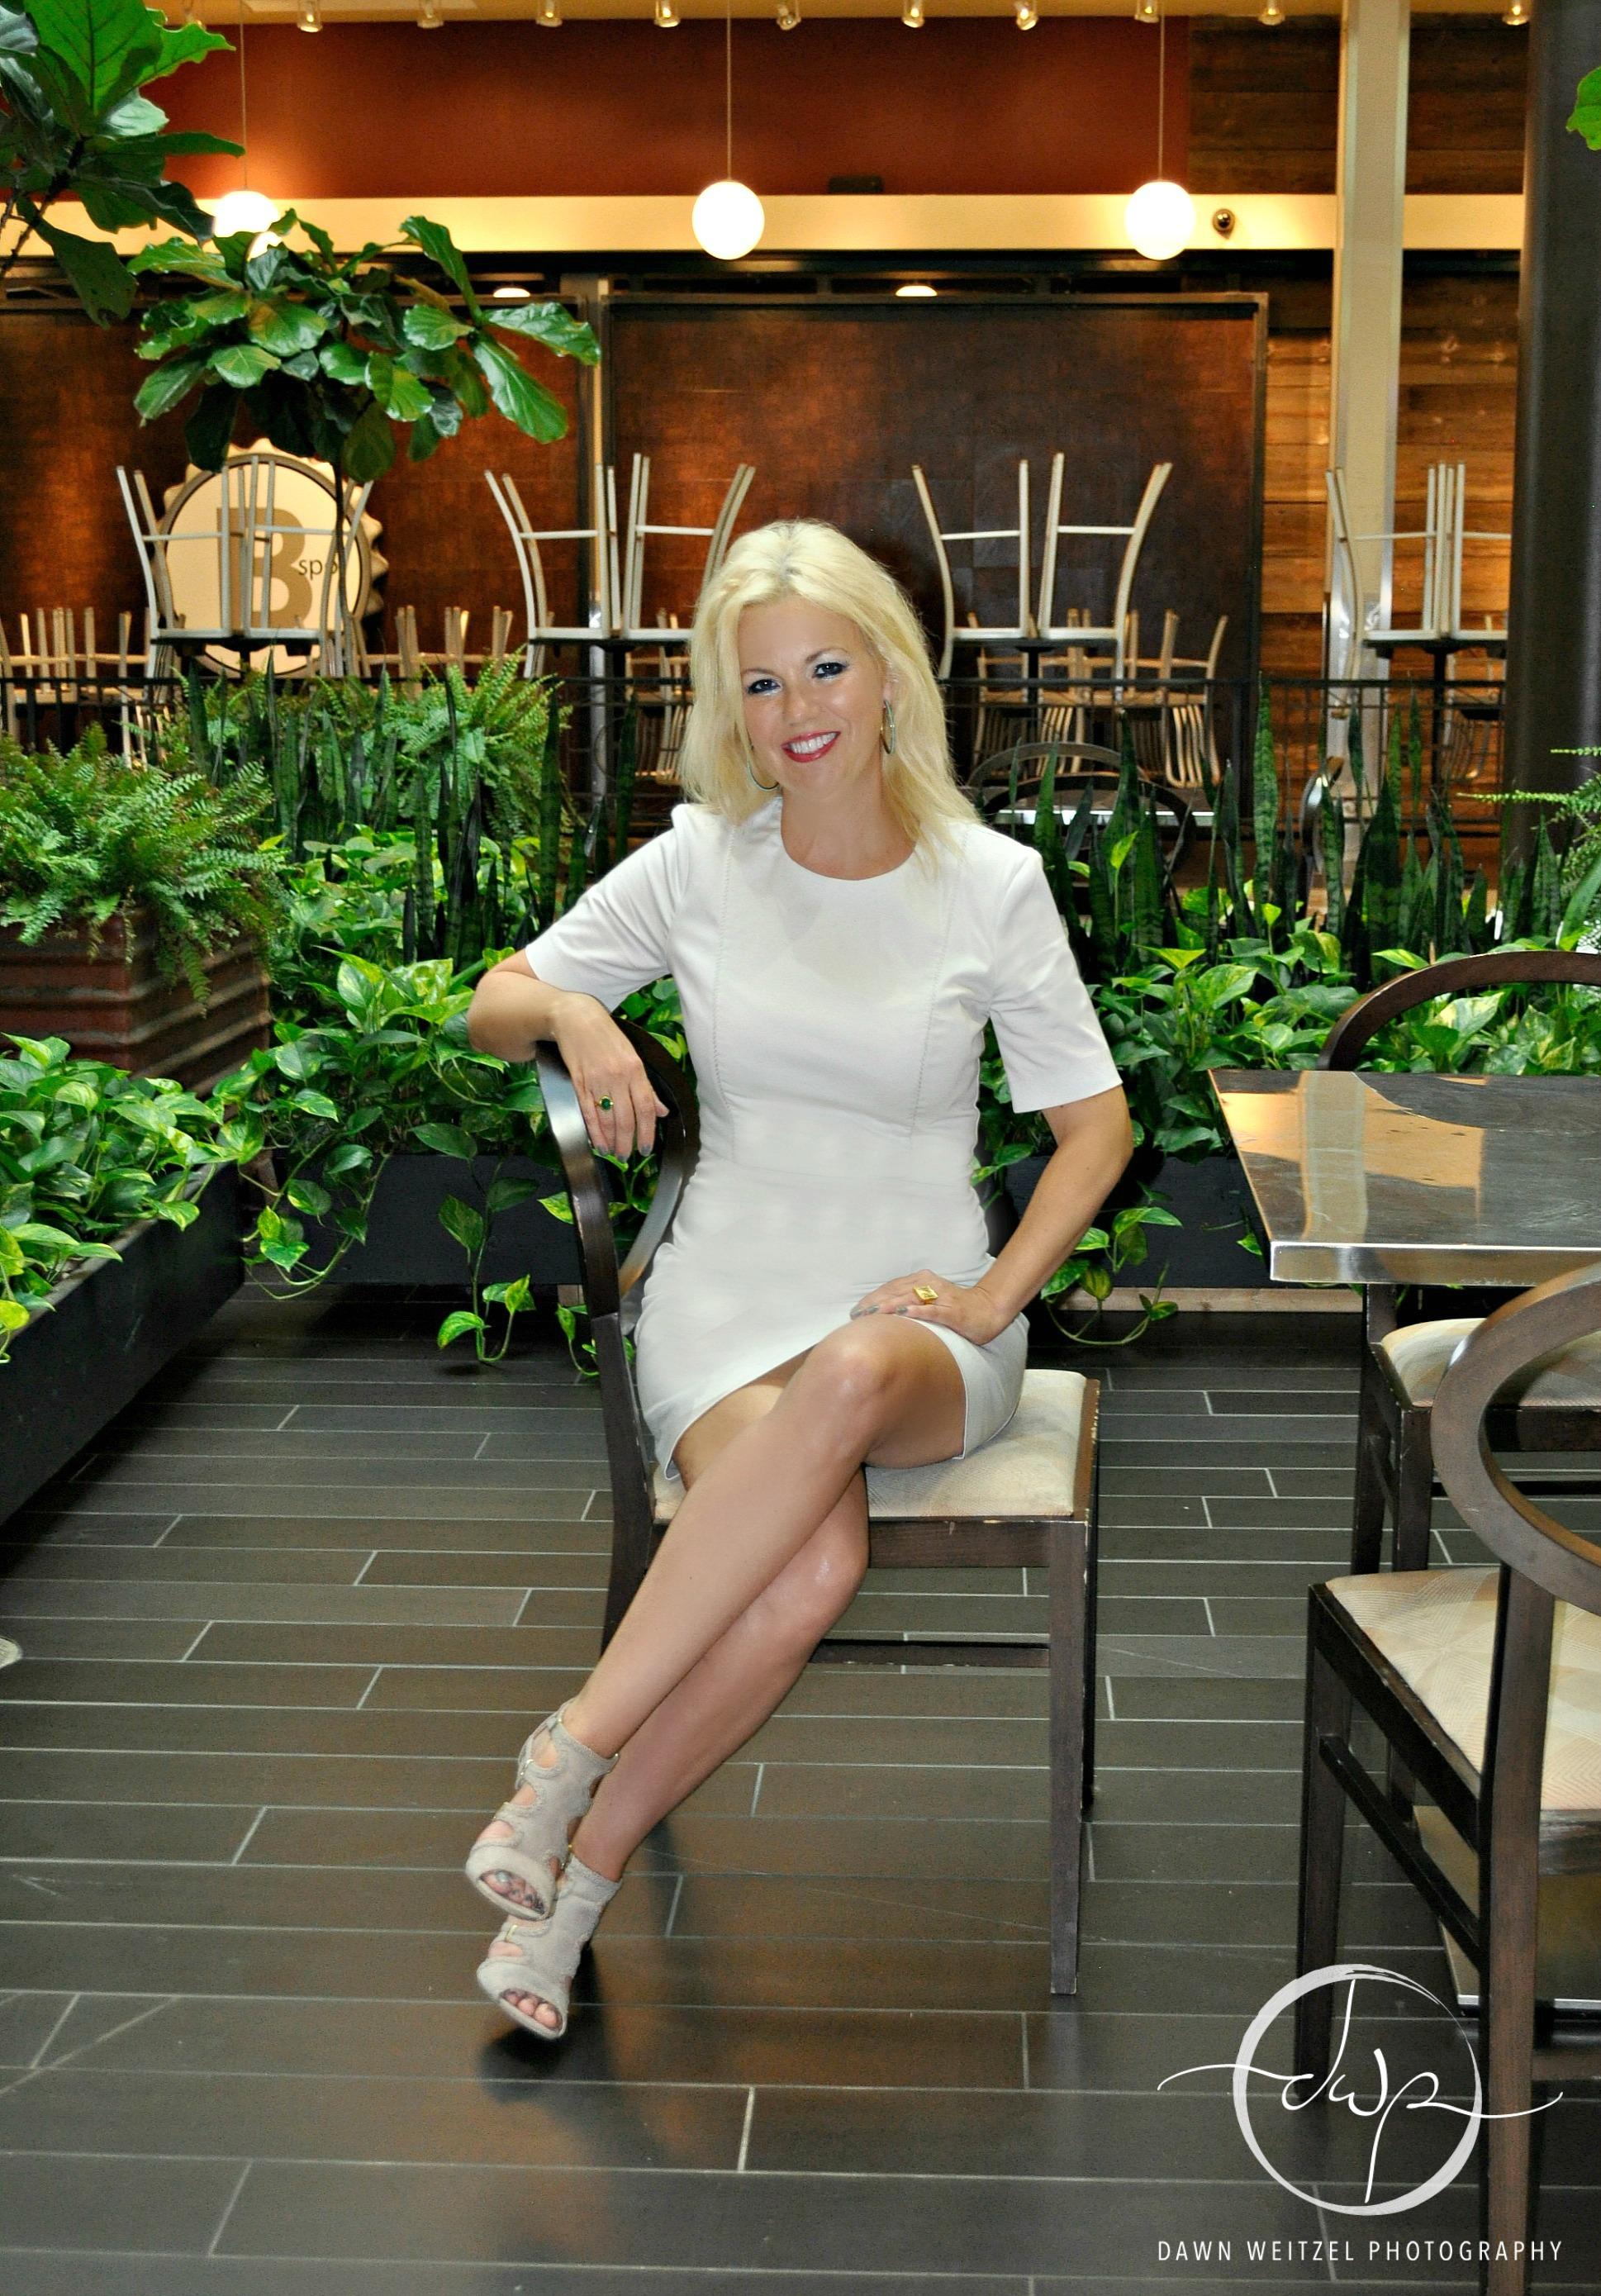 You can find Stephanie @ designersenvelop.com